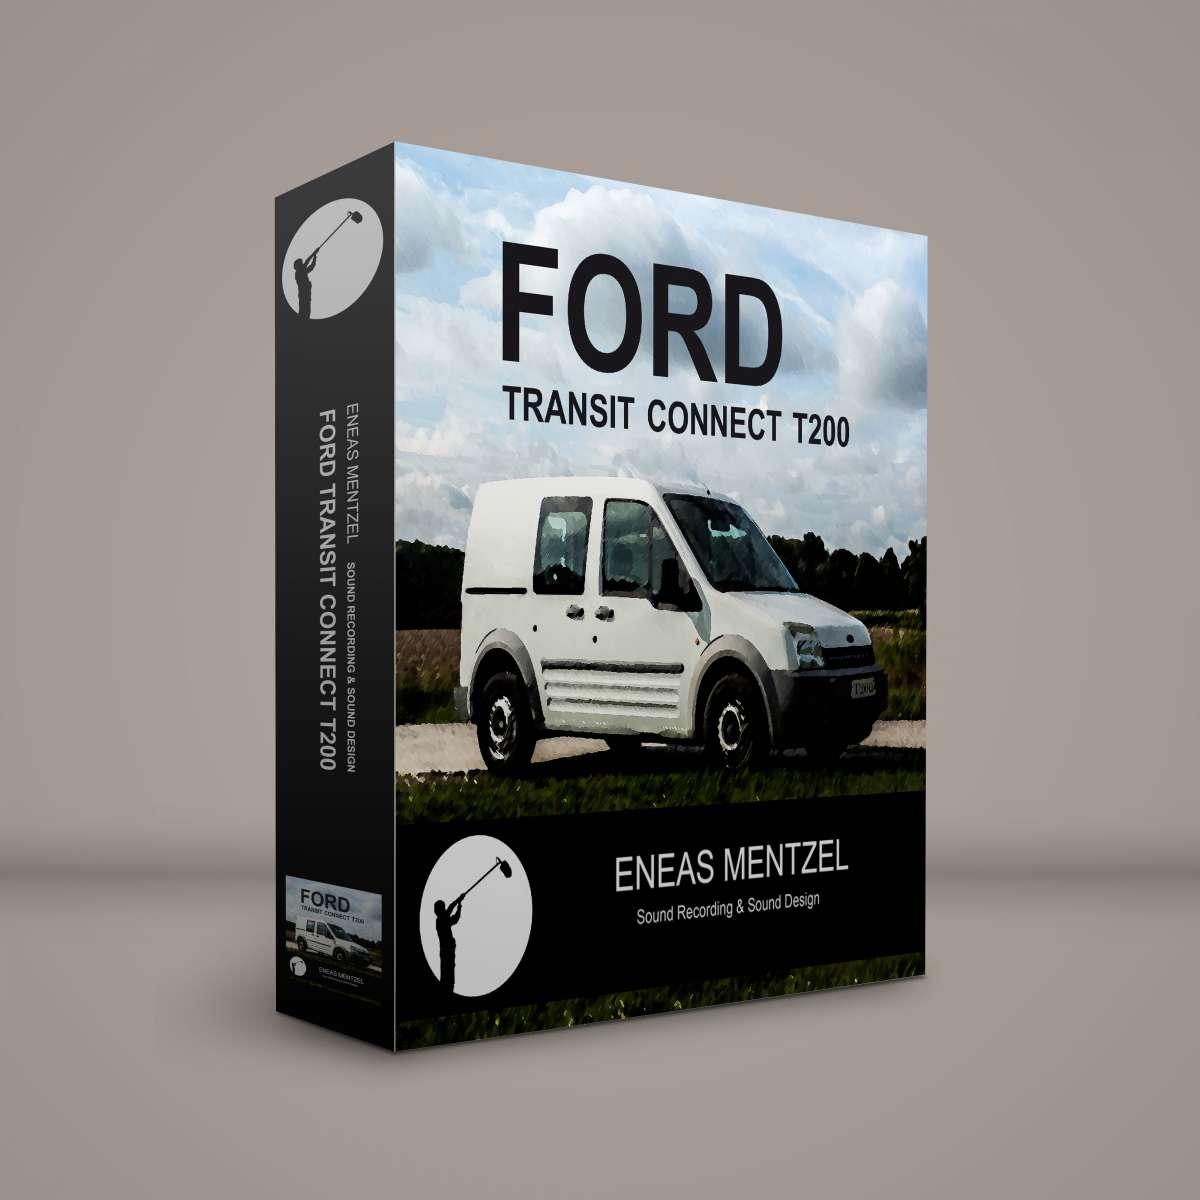 Afbeelding van FORD TRANSIT CONNECT T200 © Annemie Van Roey